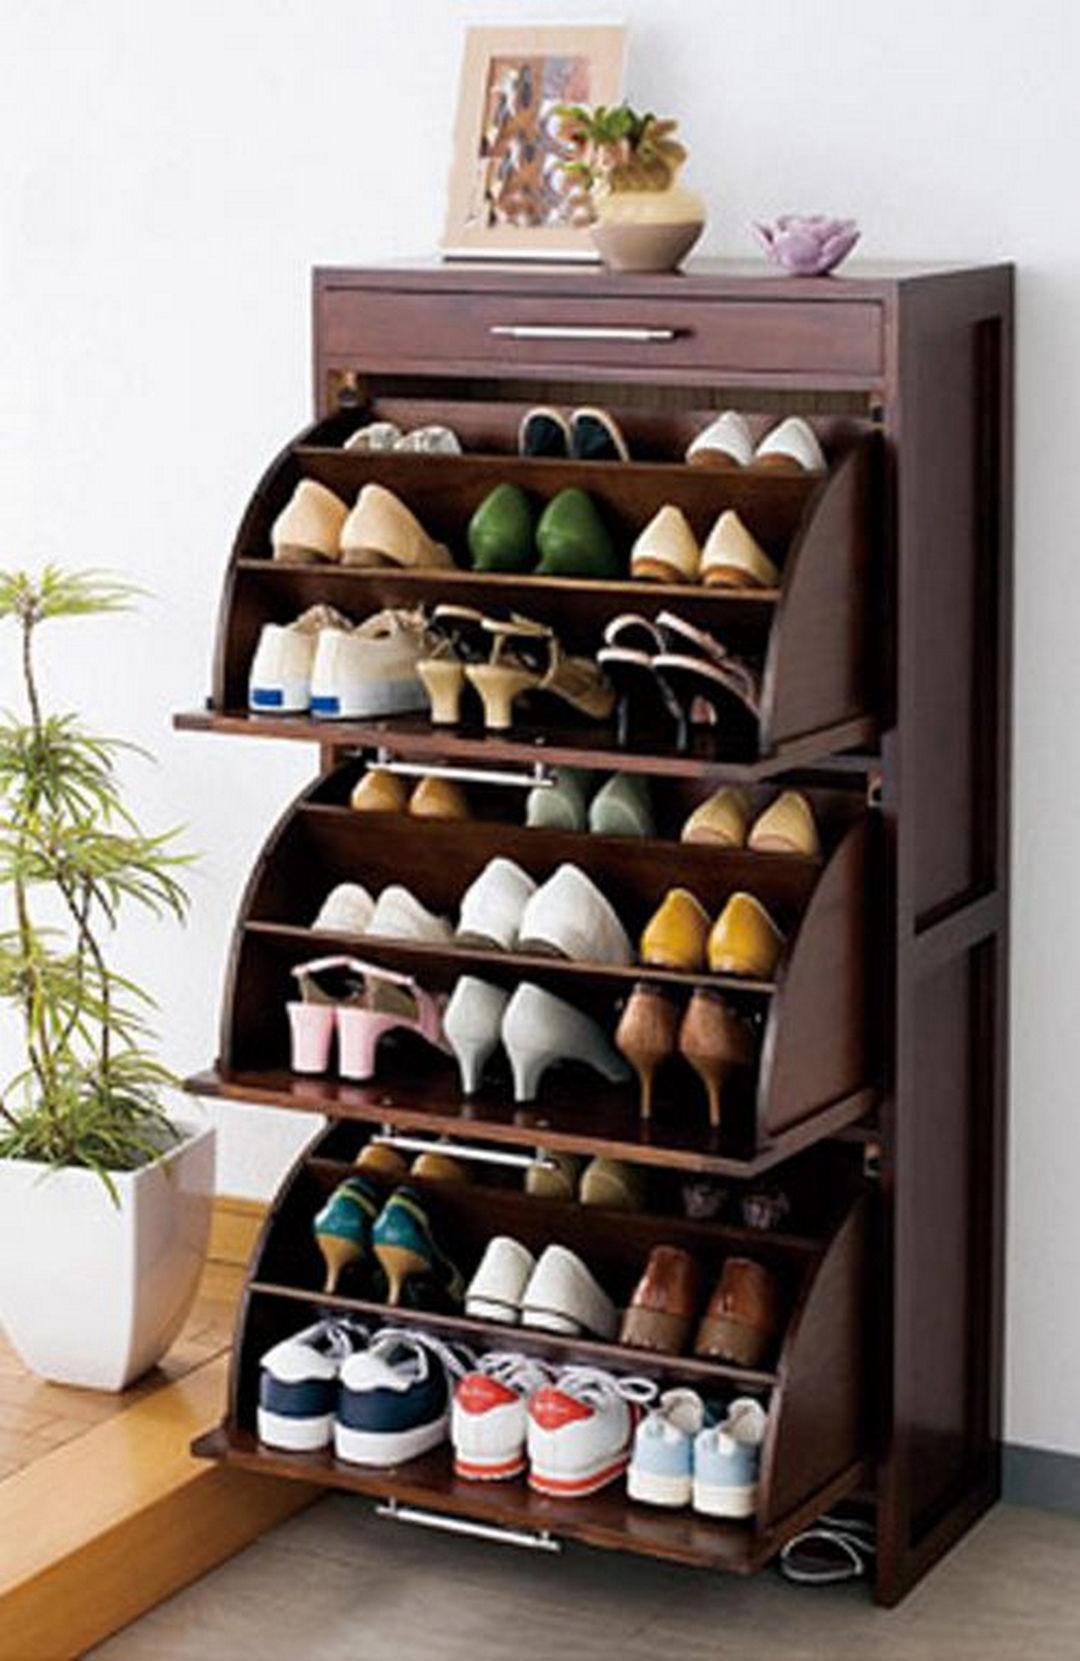 Praktische schoenenrekontwerpideeën voor kleine huizen | Futuristische architectuur,  #archit…